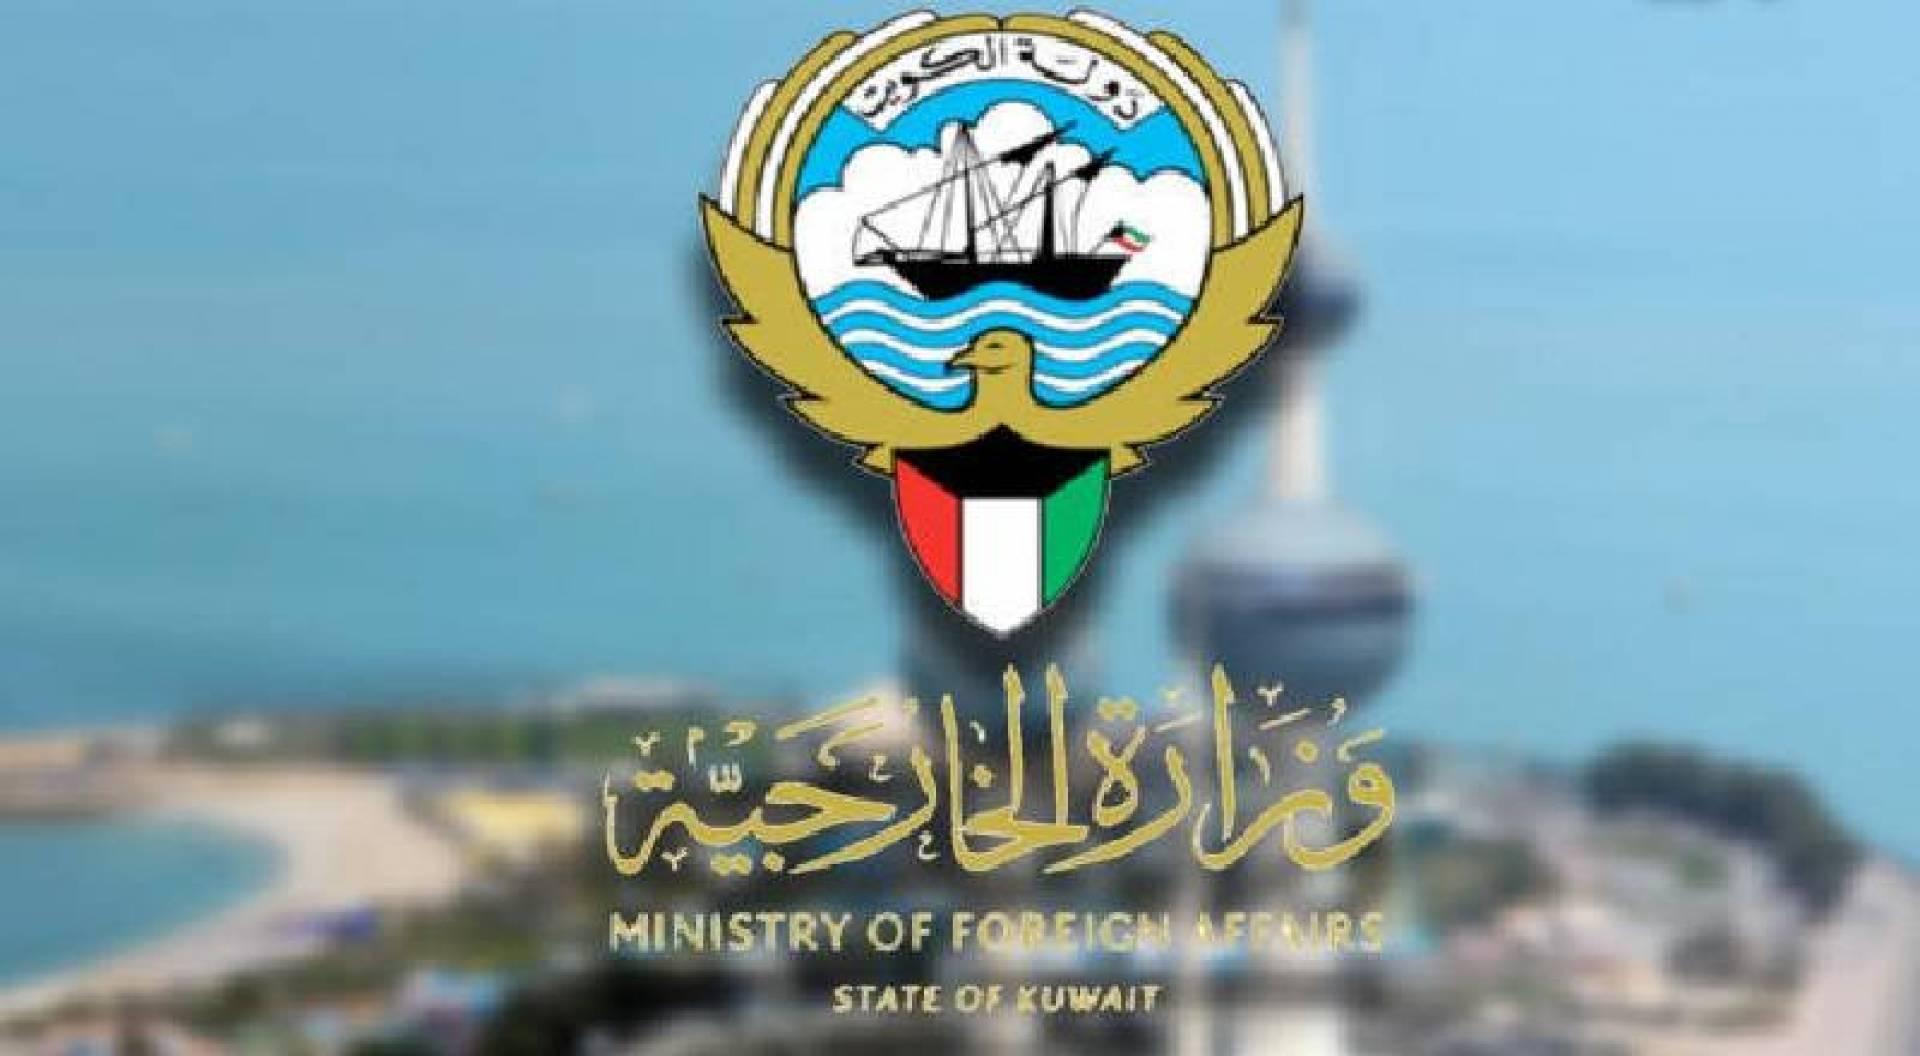 147733 highres - سفارة الكويت بالسعودية: الحدود البرية الكويتية مغلقة التزاما بقرار مجلس الوزراء